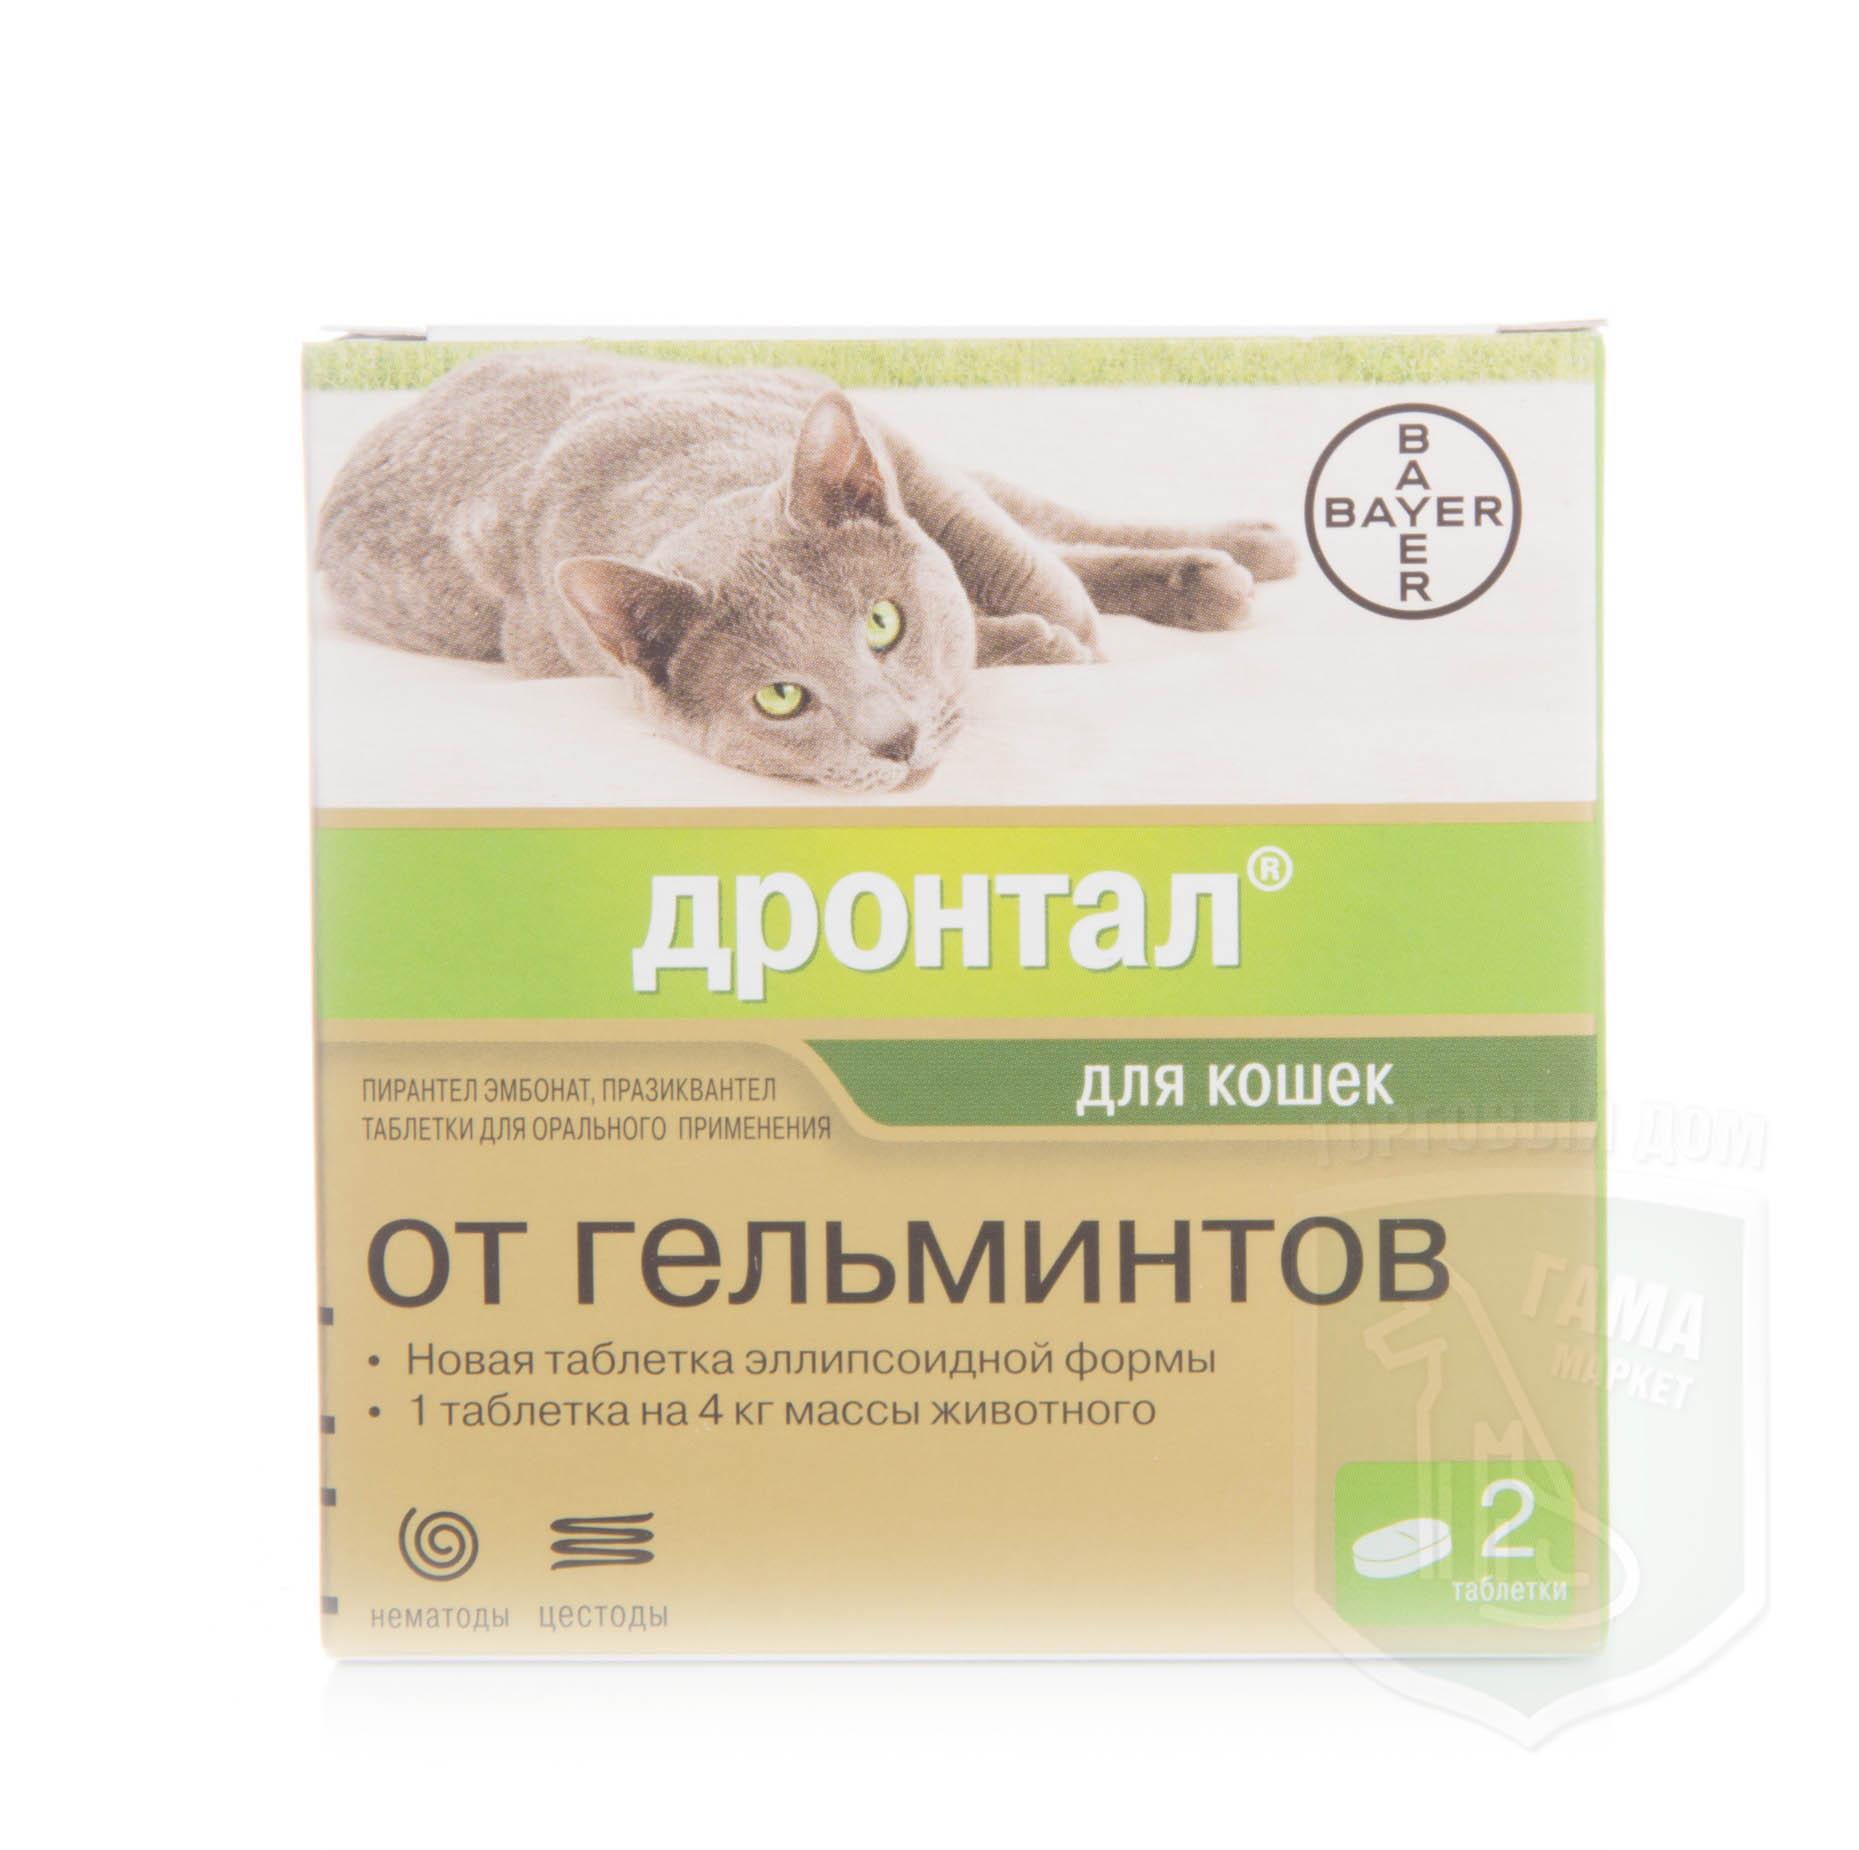 Дронтал для кошек: инструкция по применению, отзывы, аналоги.